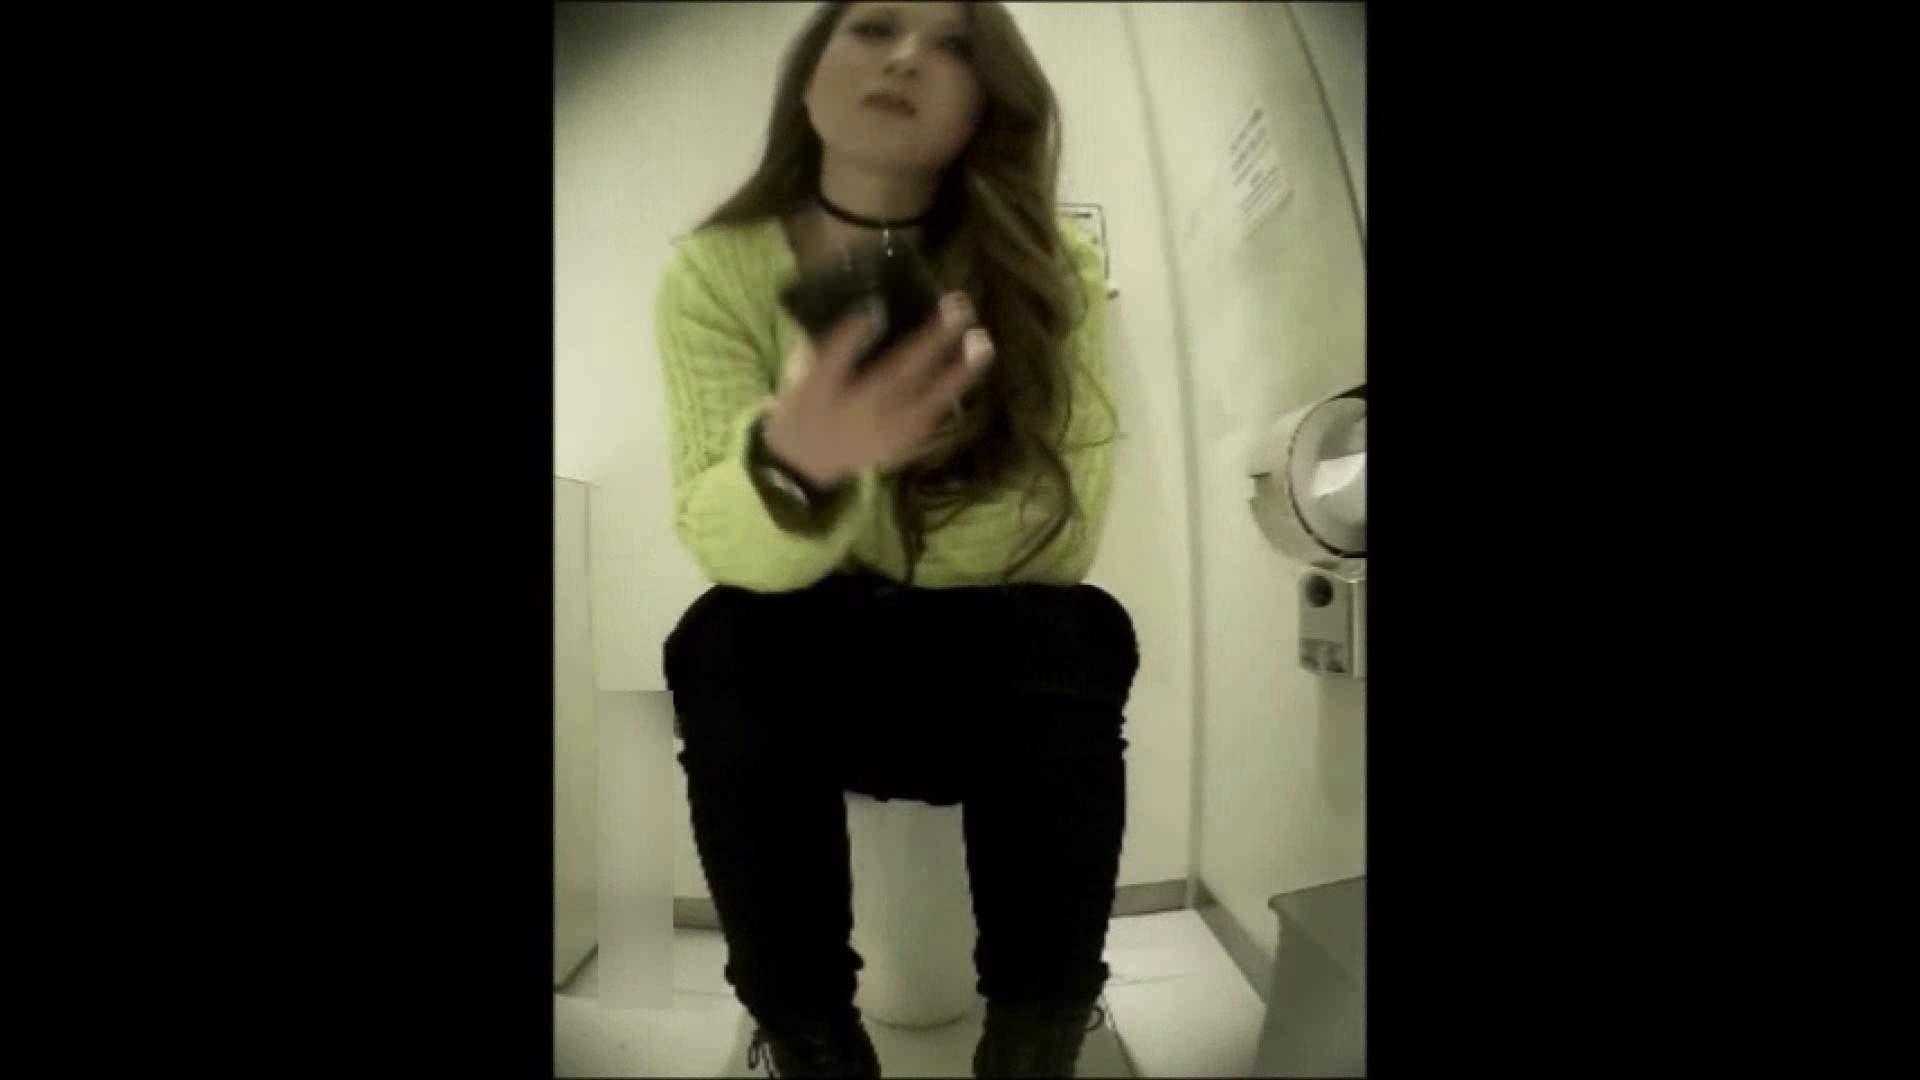 洗面所盗撮~隣の美人お姉さんVol.16 OLの実態 覗きぱこり動画紹介 39pic 2